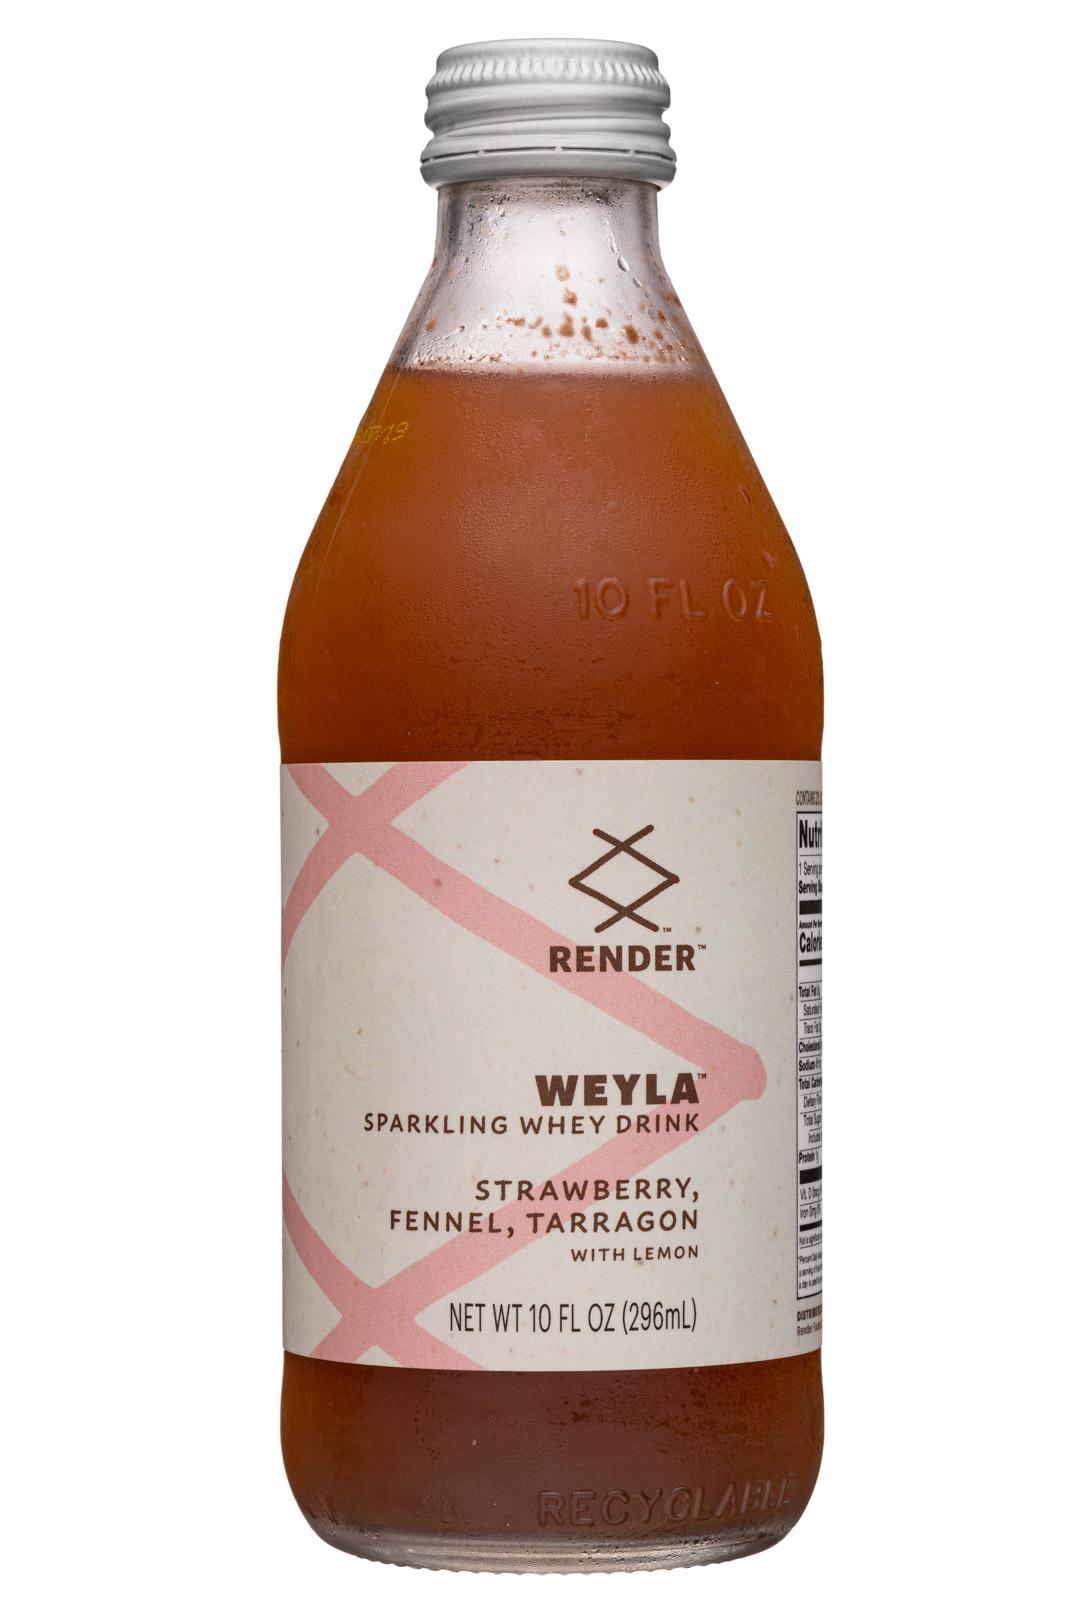 Weyla: Strawberry, Fennel, Tarragon with Lemon